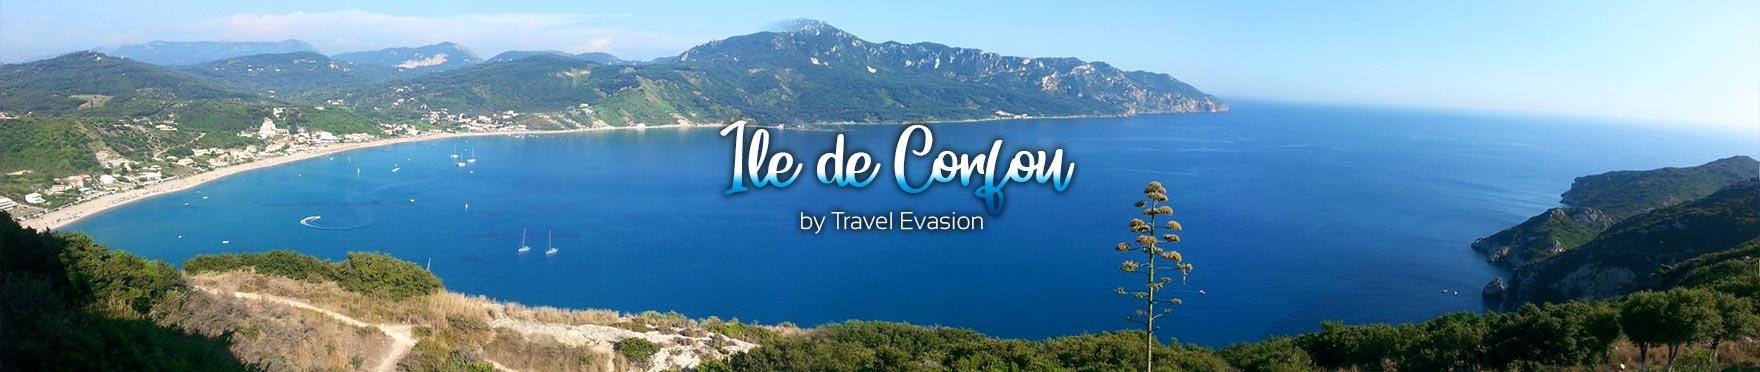 Séjours à Corfou pas cher. Un voyage a Corfou fantastique avec Travel Evasion